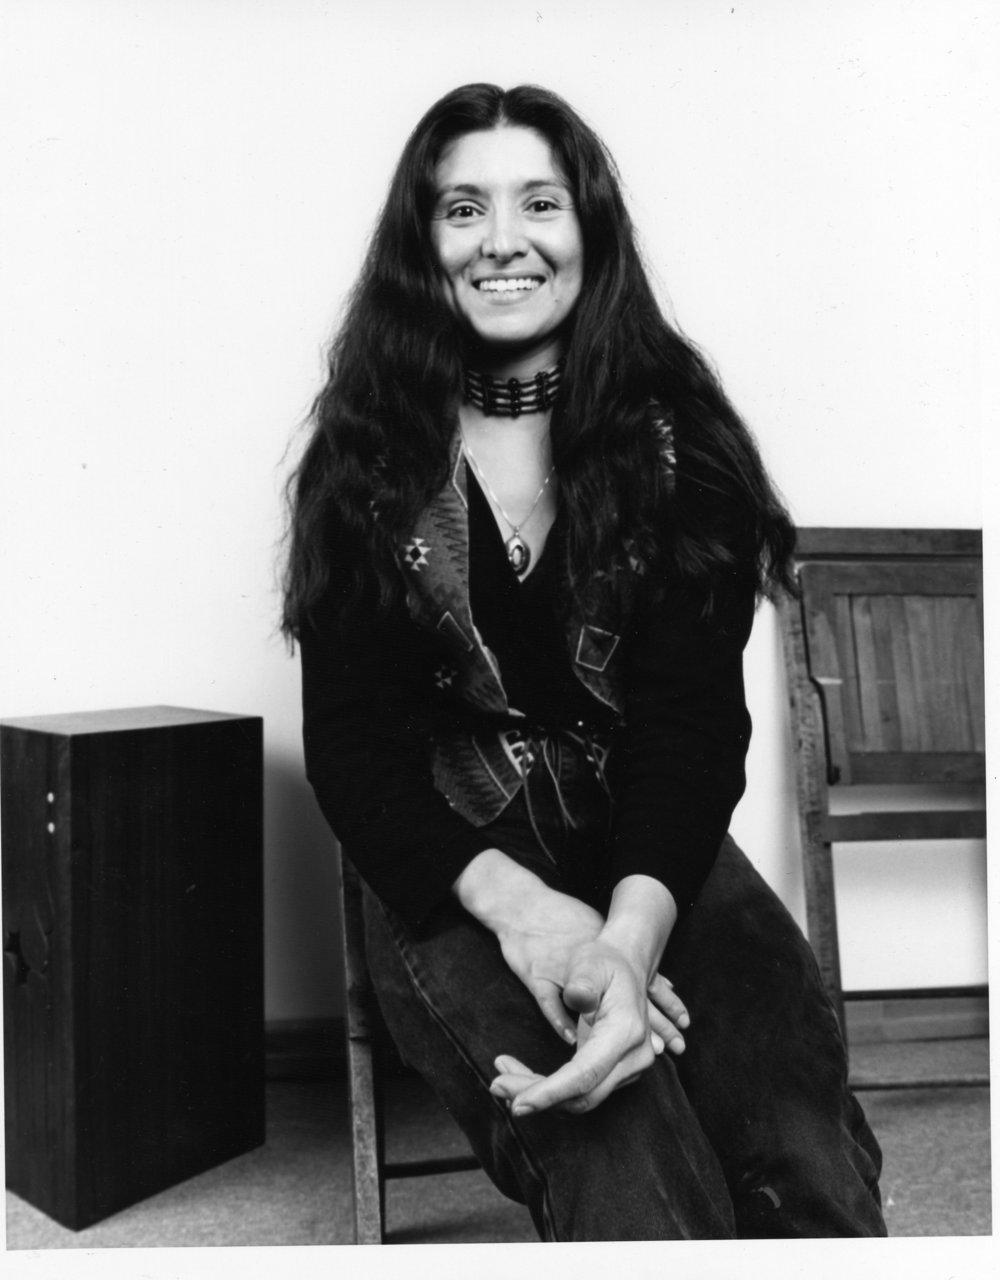 Valerie nARANJO - usa